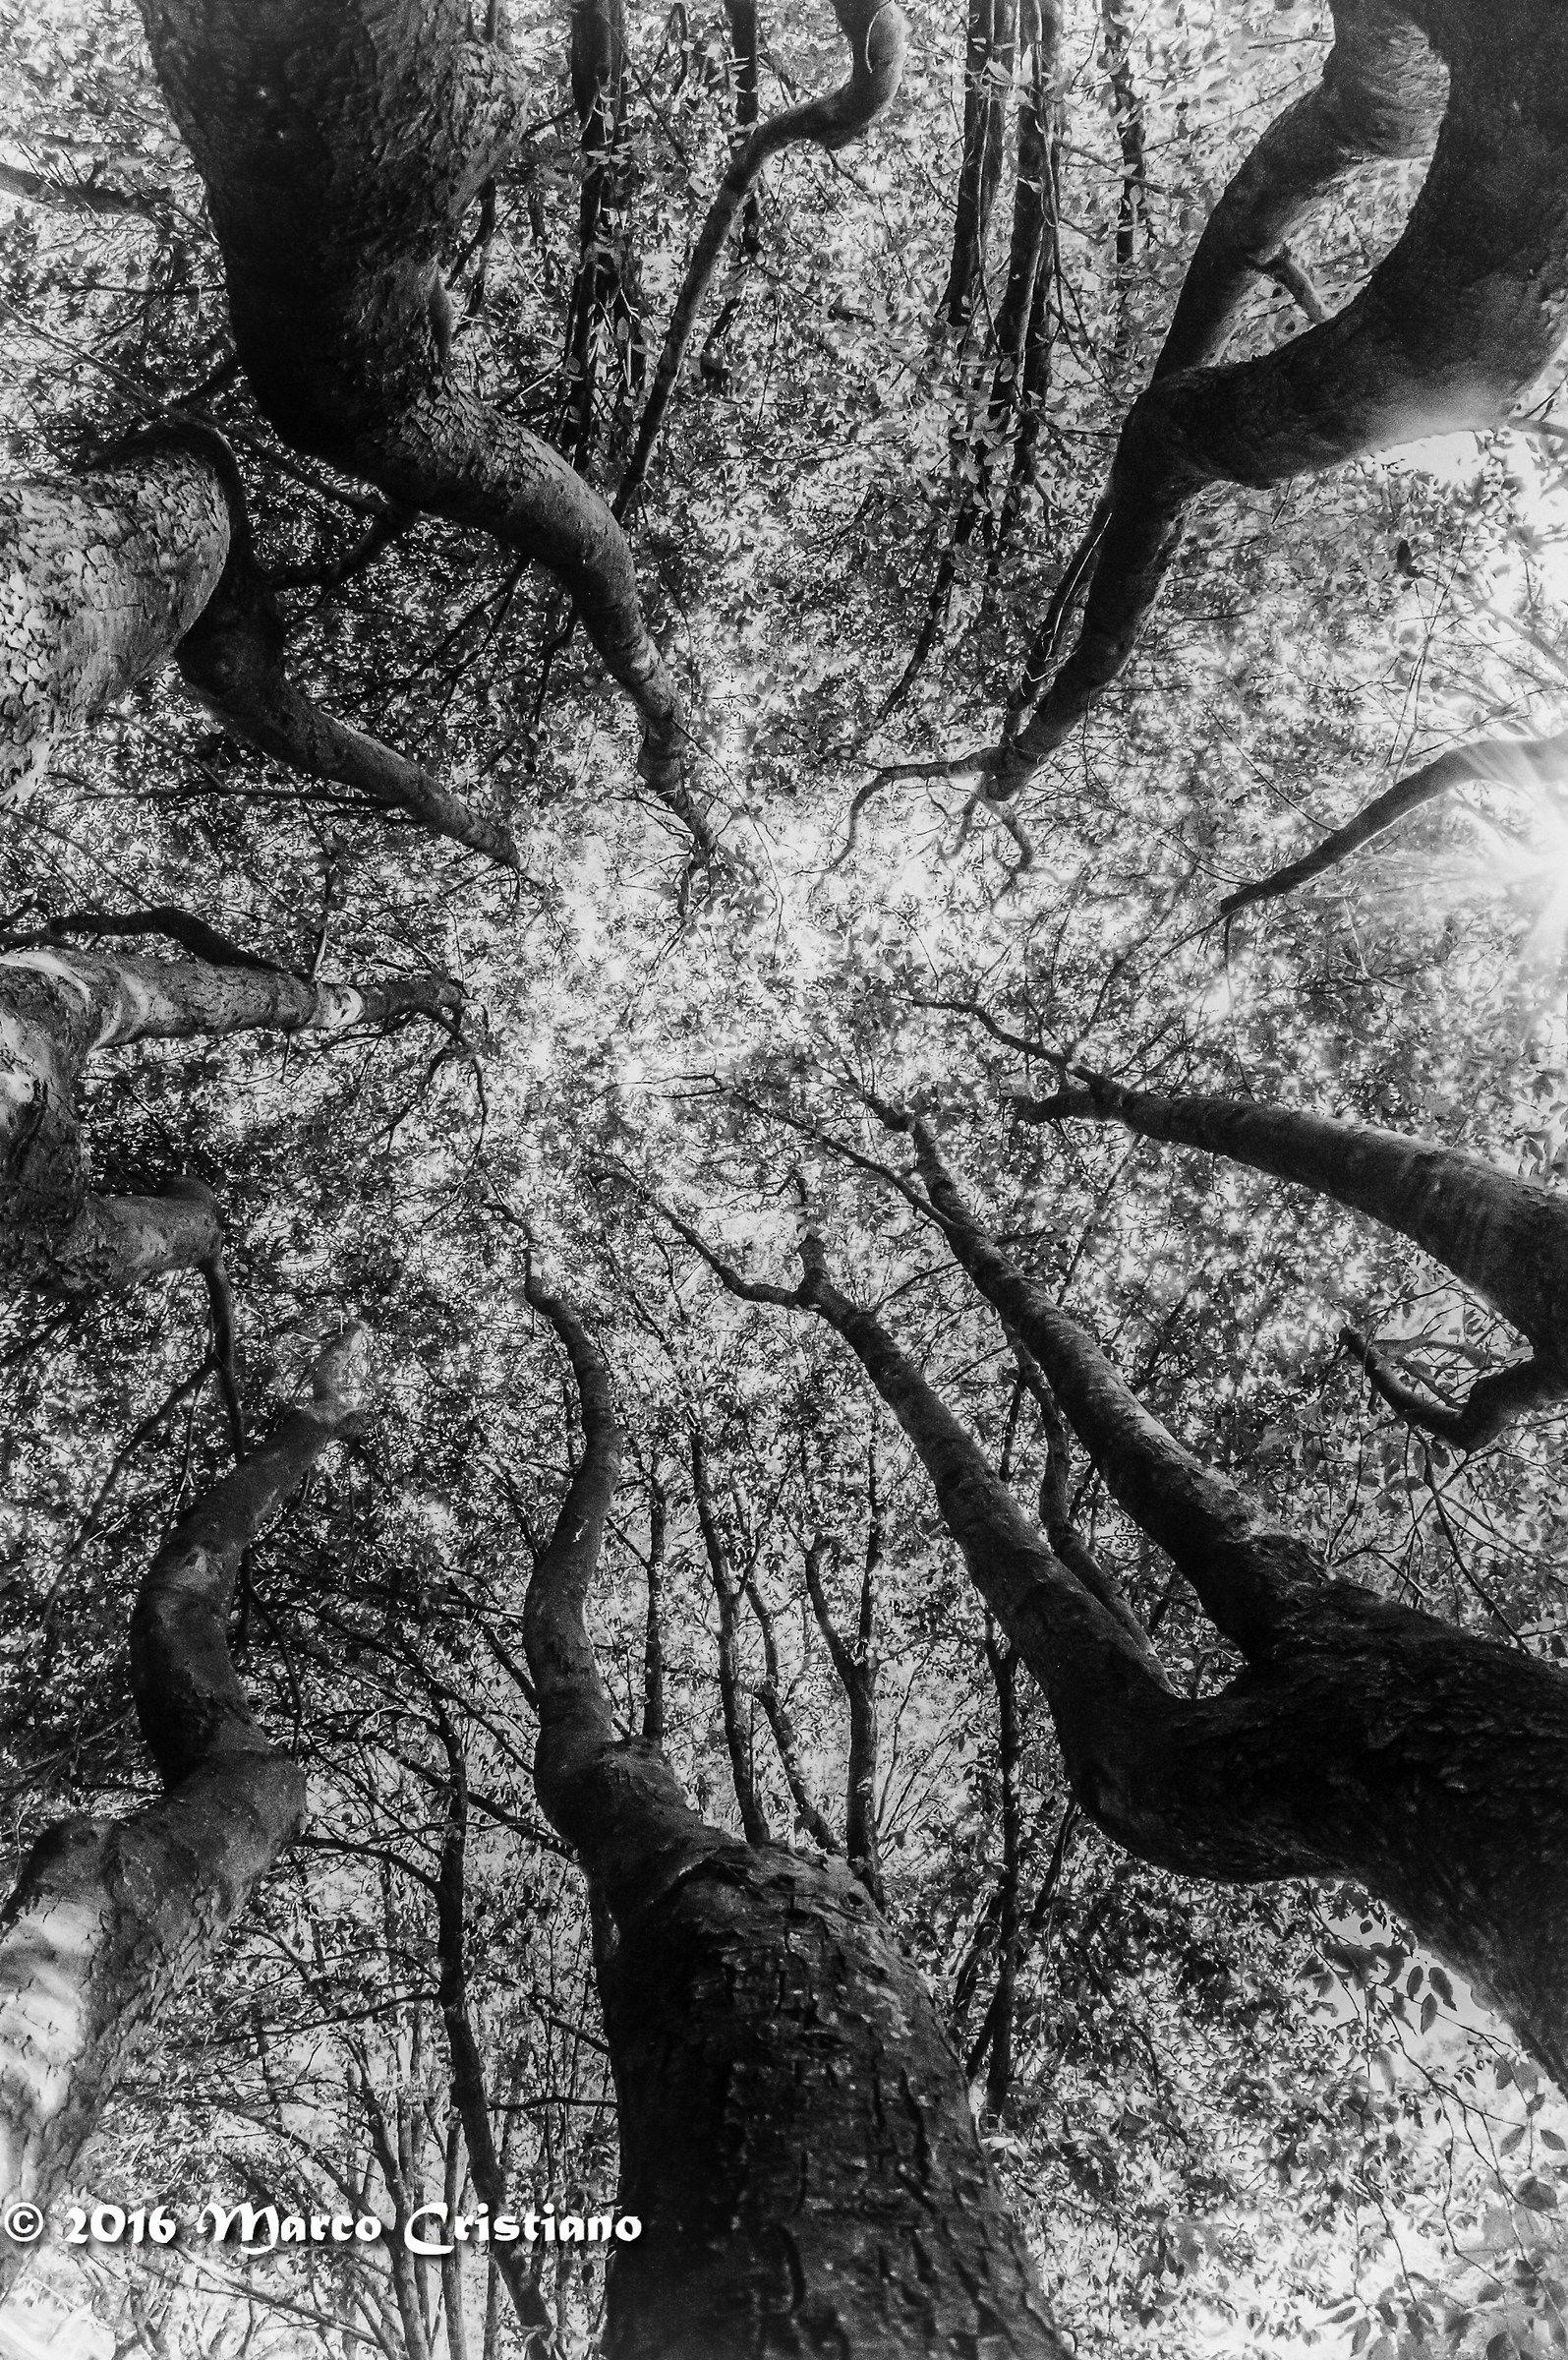 L'abbraccio di un albero......